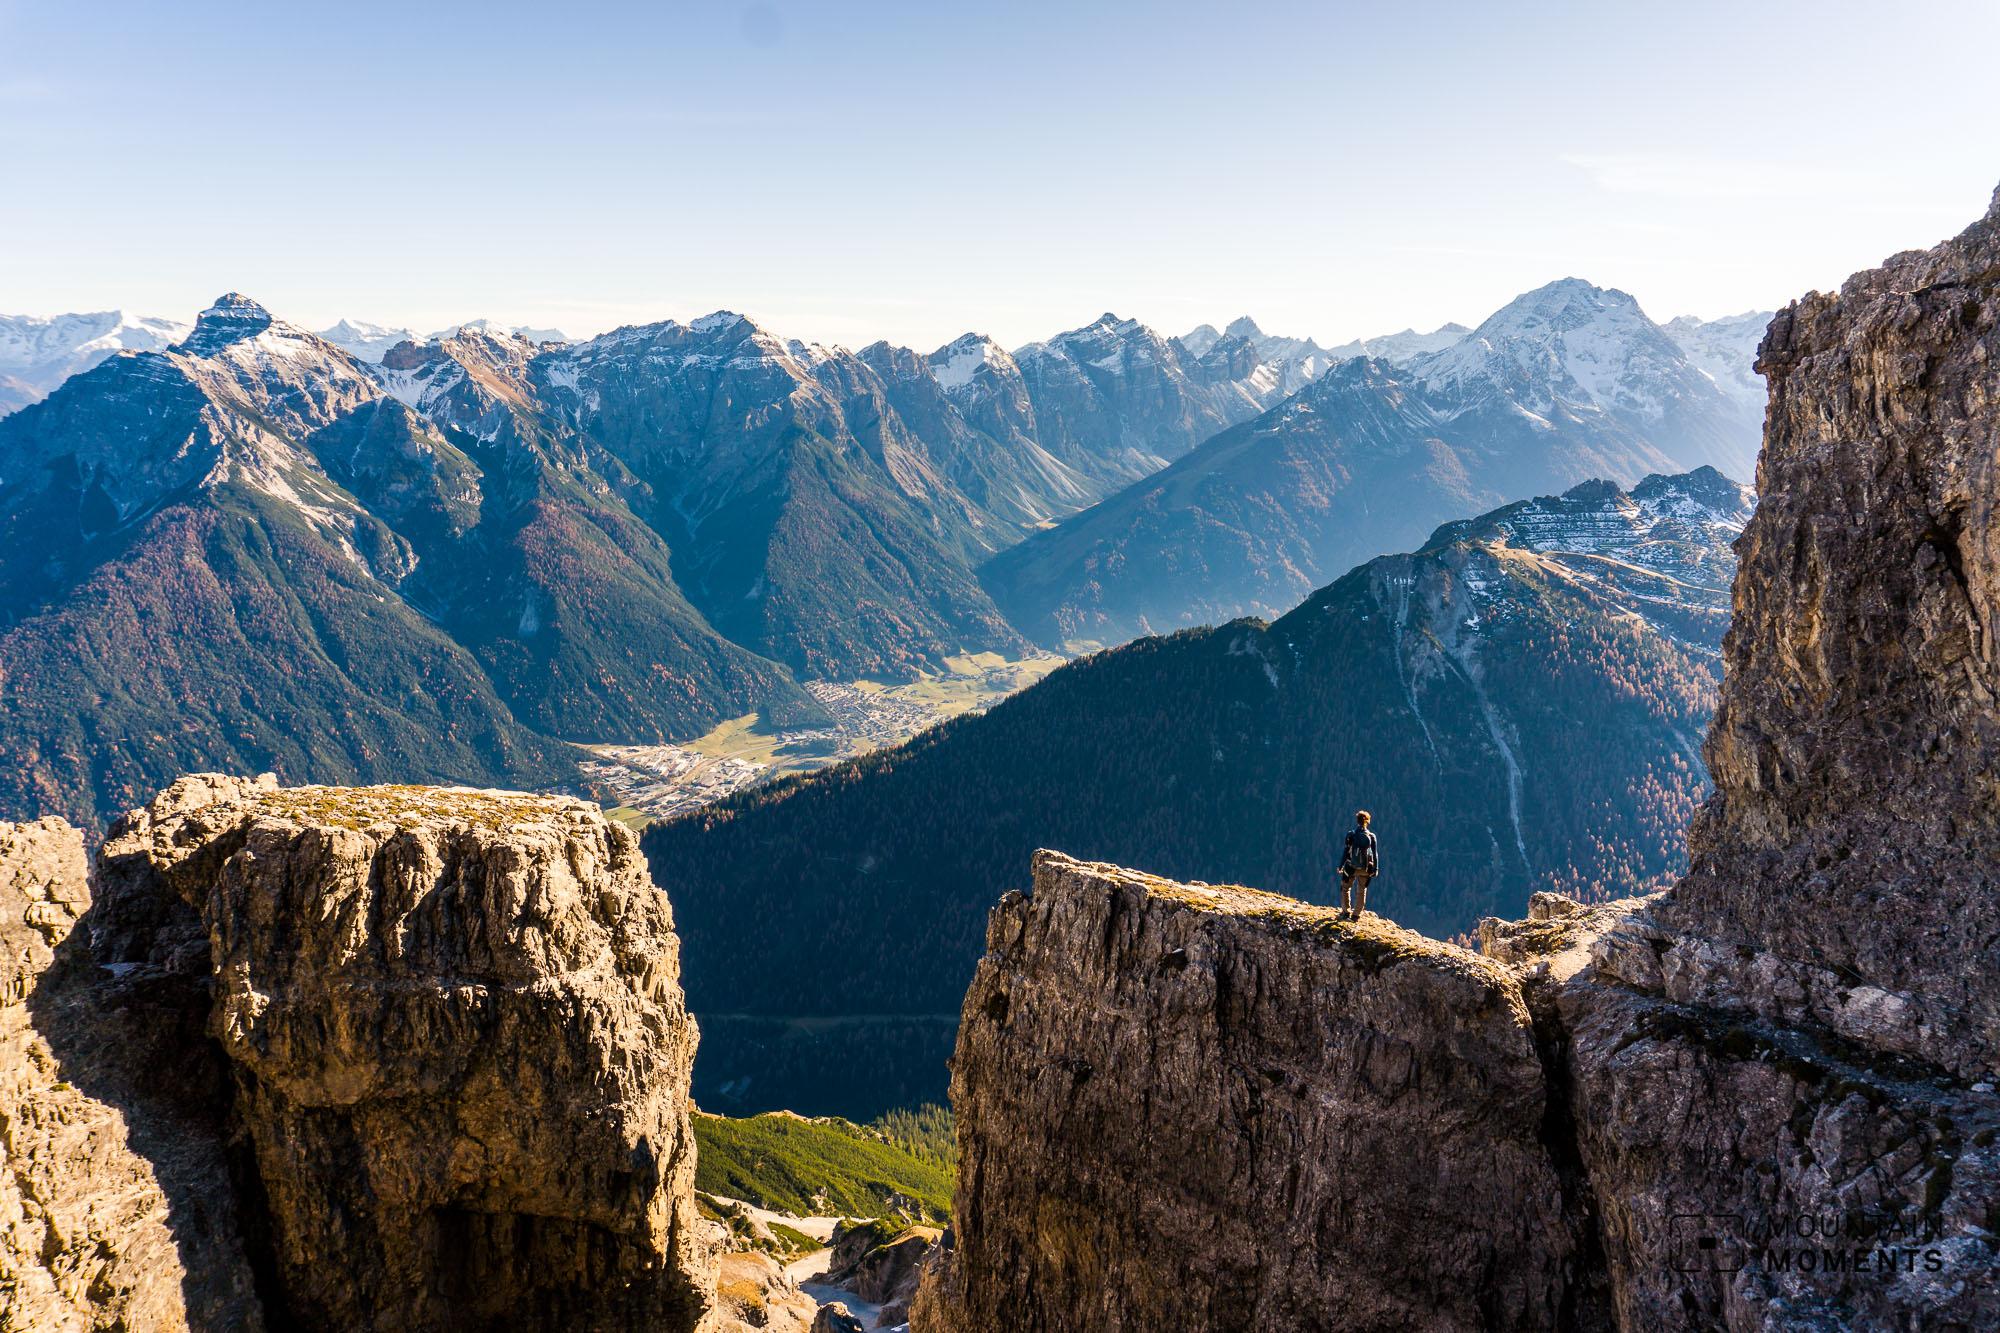 kalkkögel, ampferstein, axamer lizum, klettersteig, lustige bergler steig